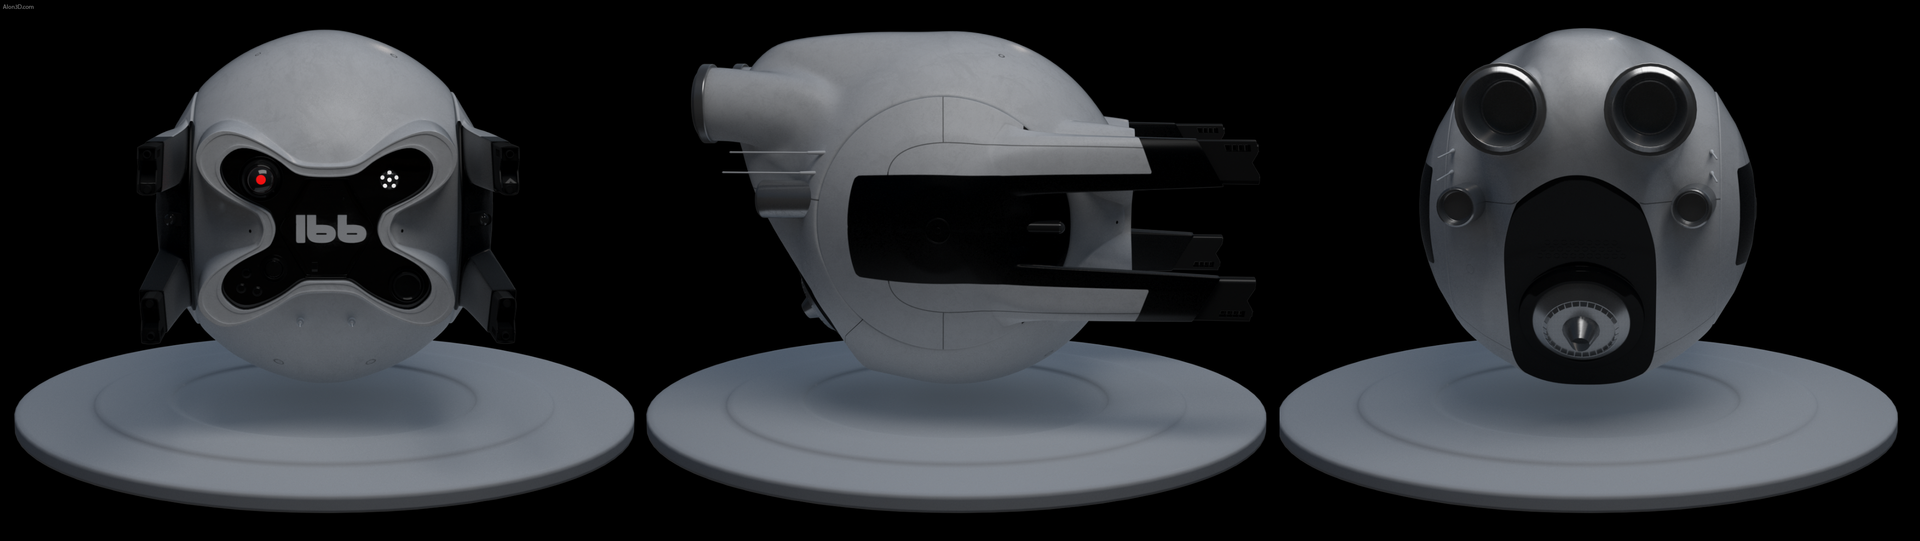 Drone Oblivion 166